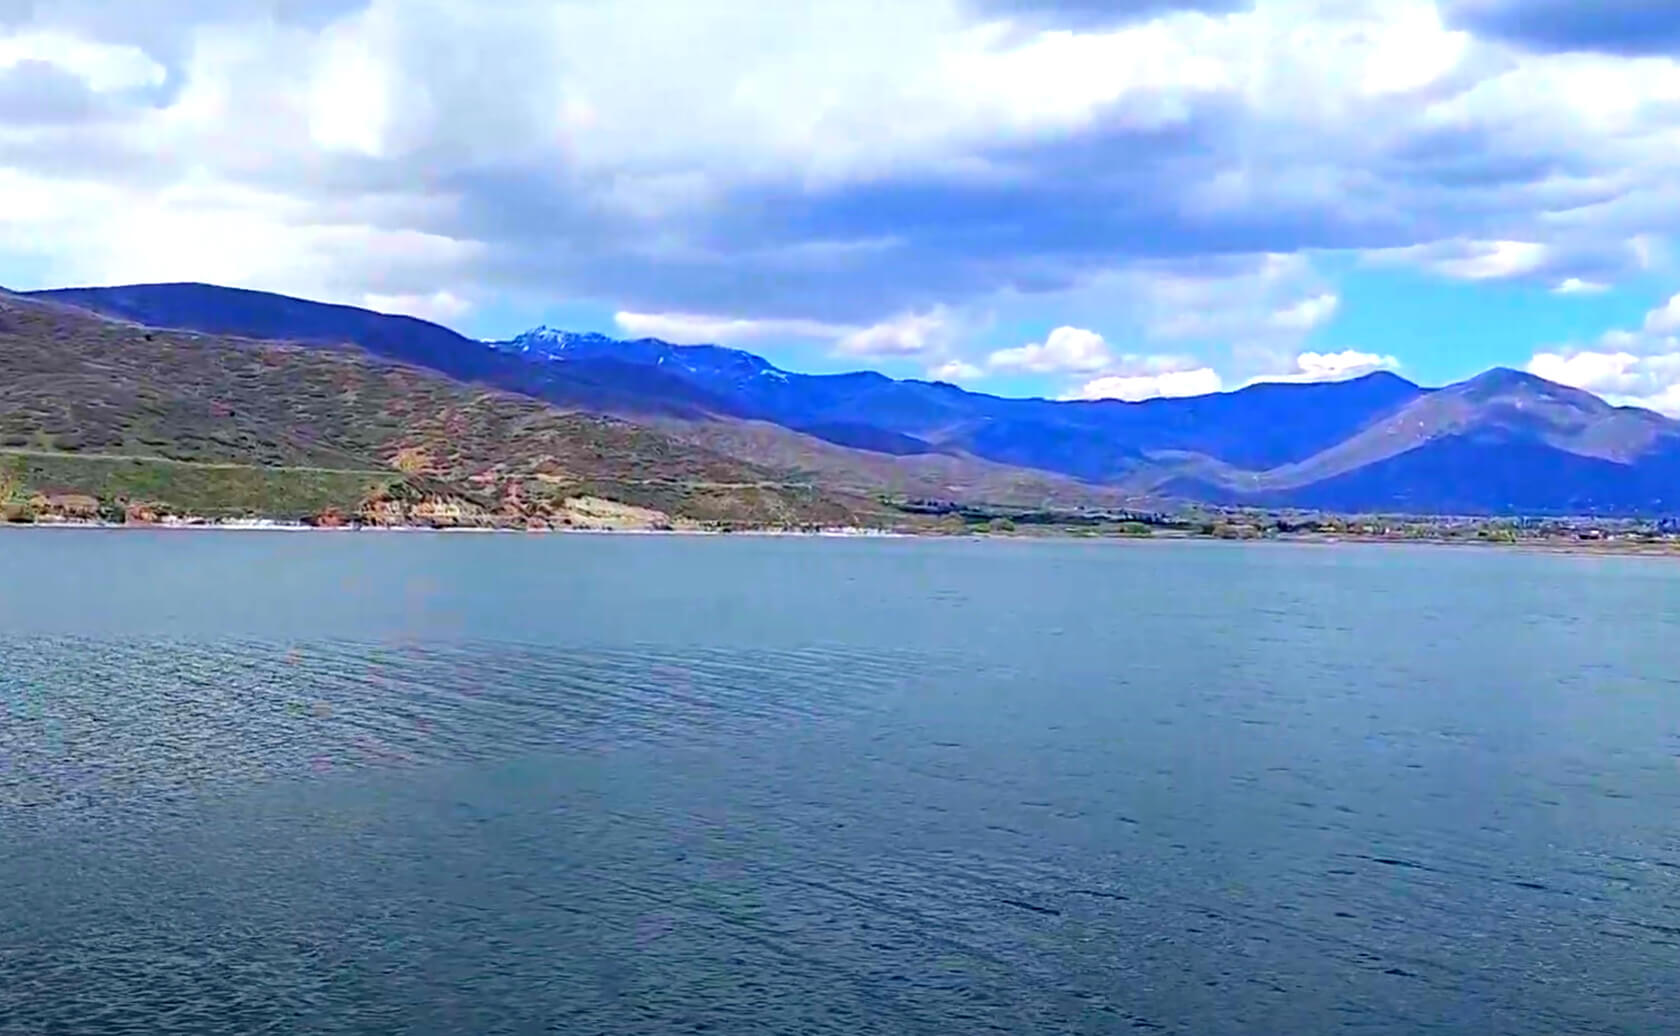 Deer-Creek-Lake-Fishing-Guide-Report-Utah-03